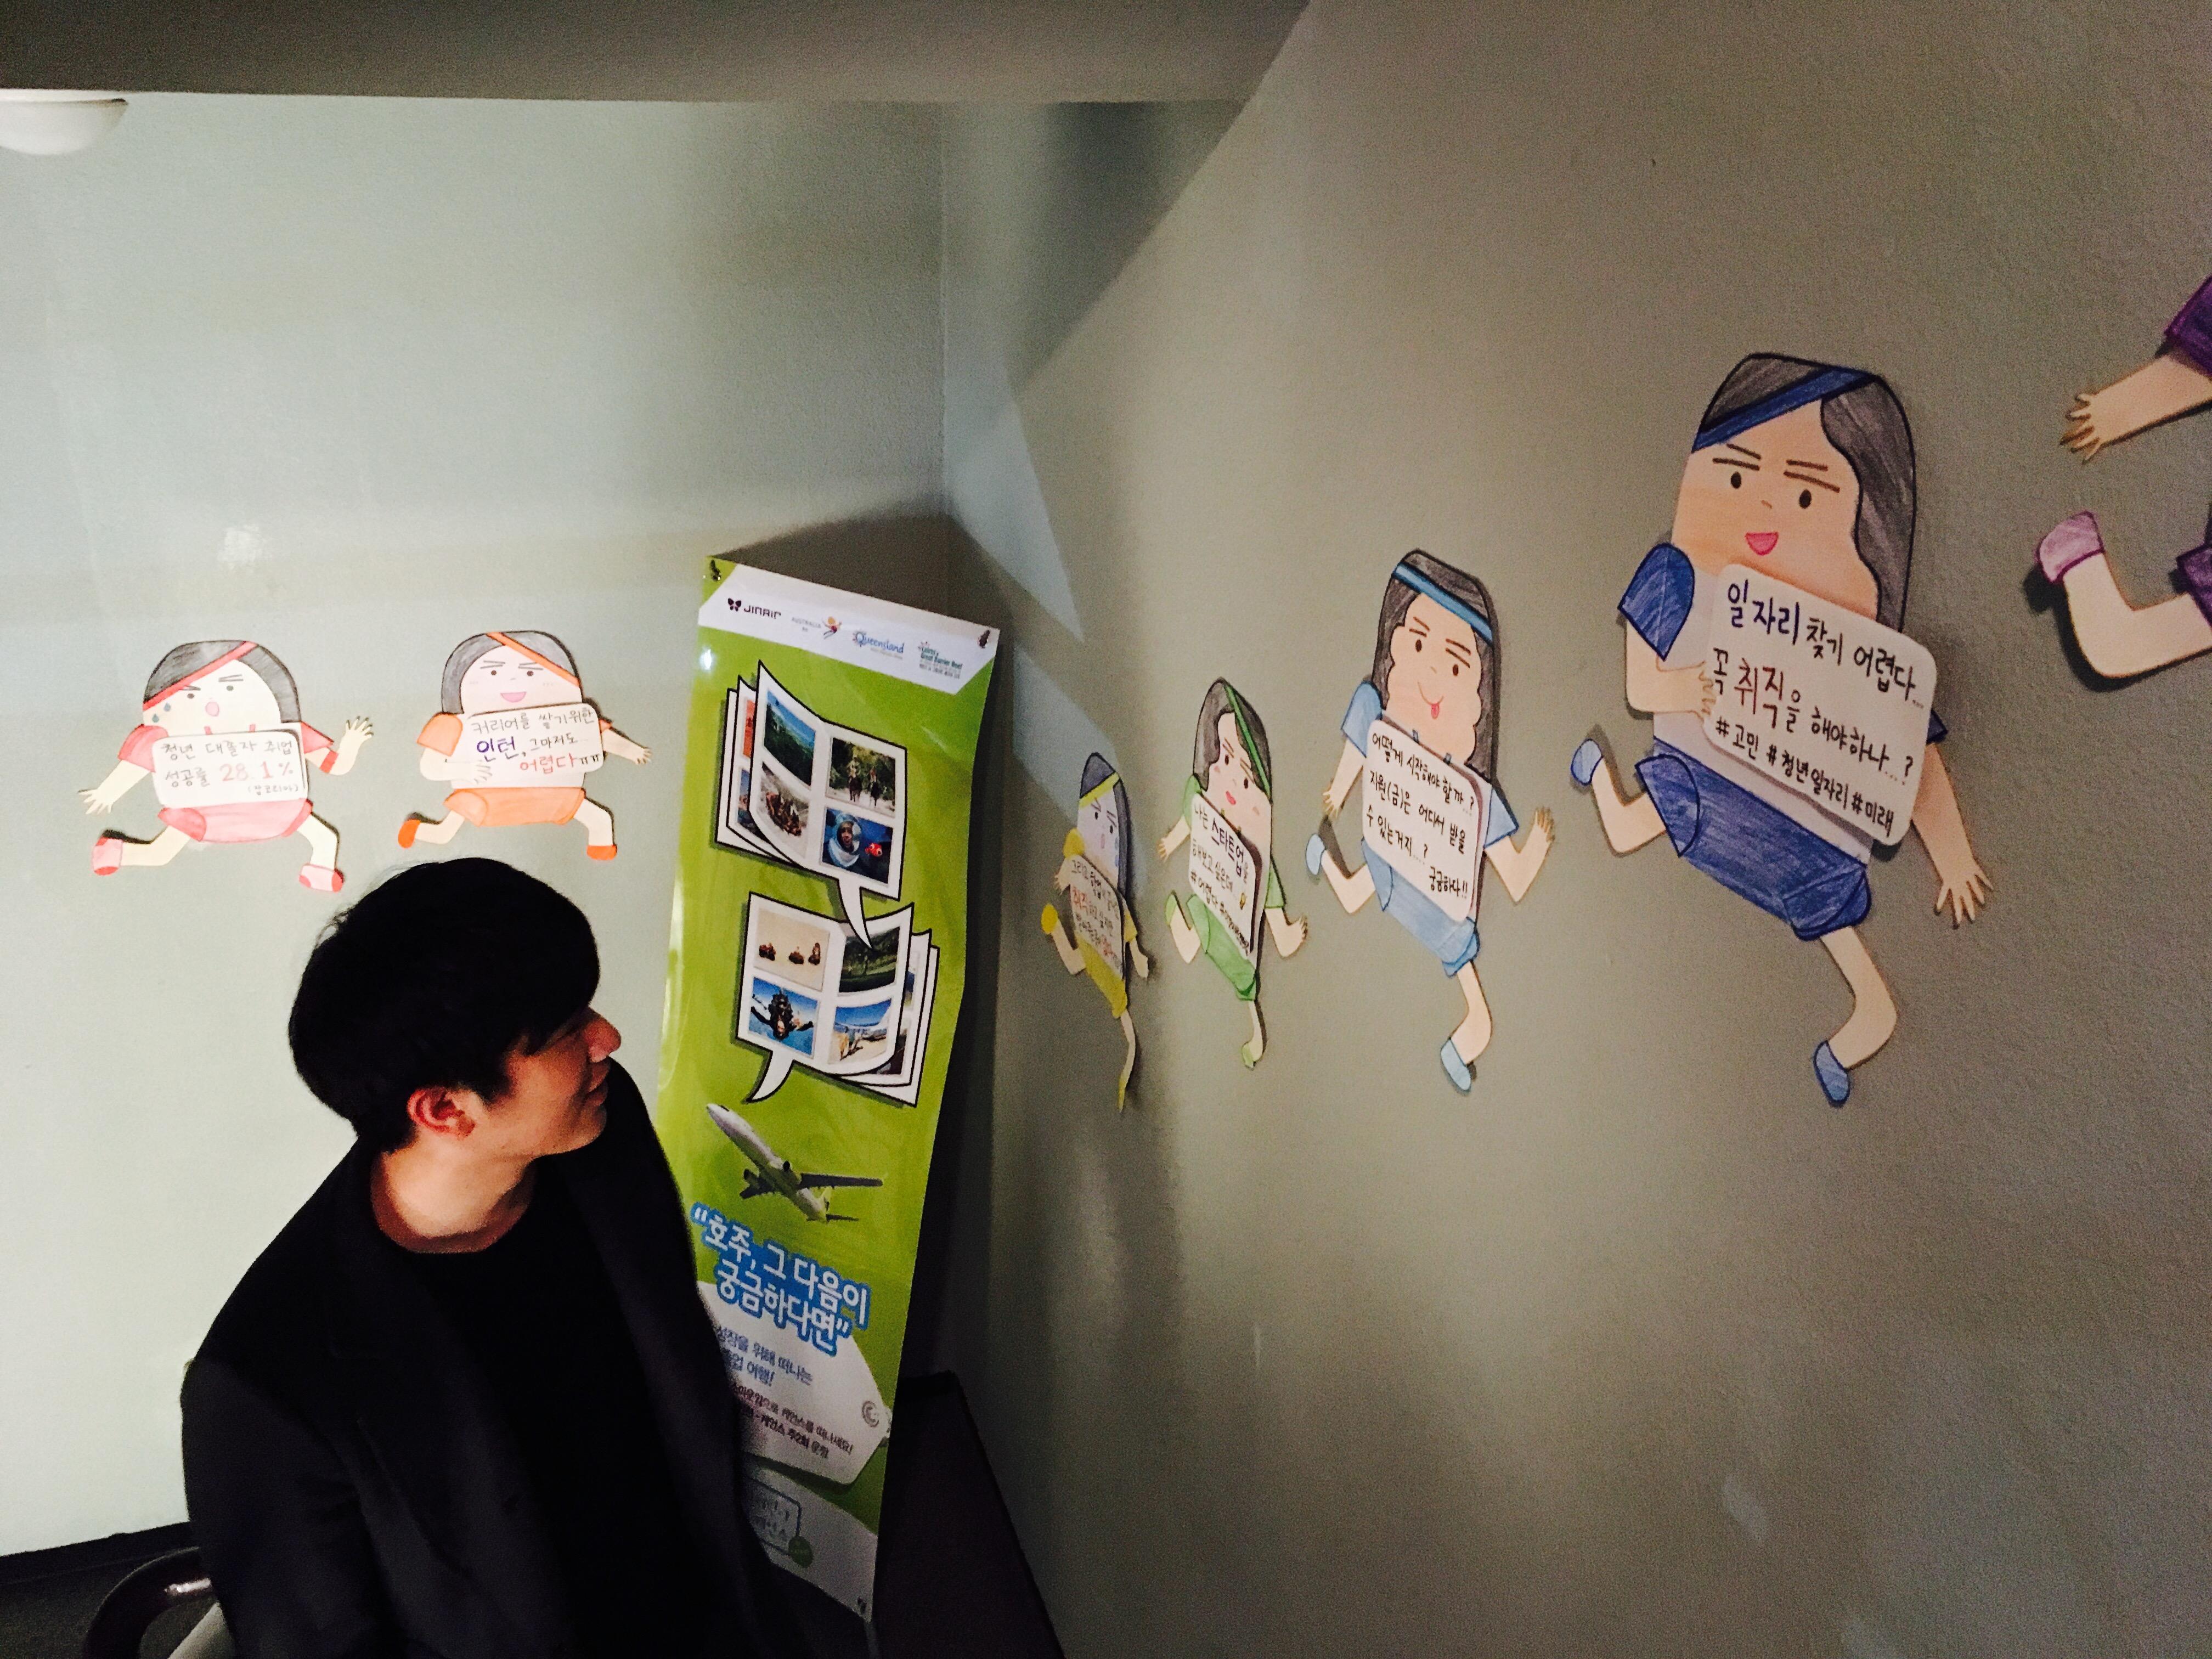 2016 마포 로컬리스트 컨퍼런스, '청년공유;일자리'를 논하다